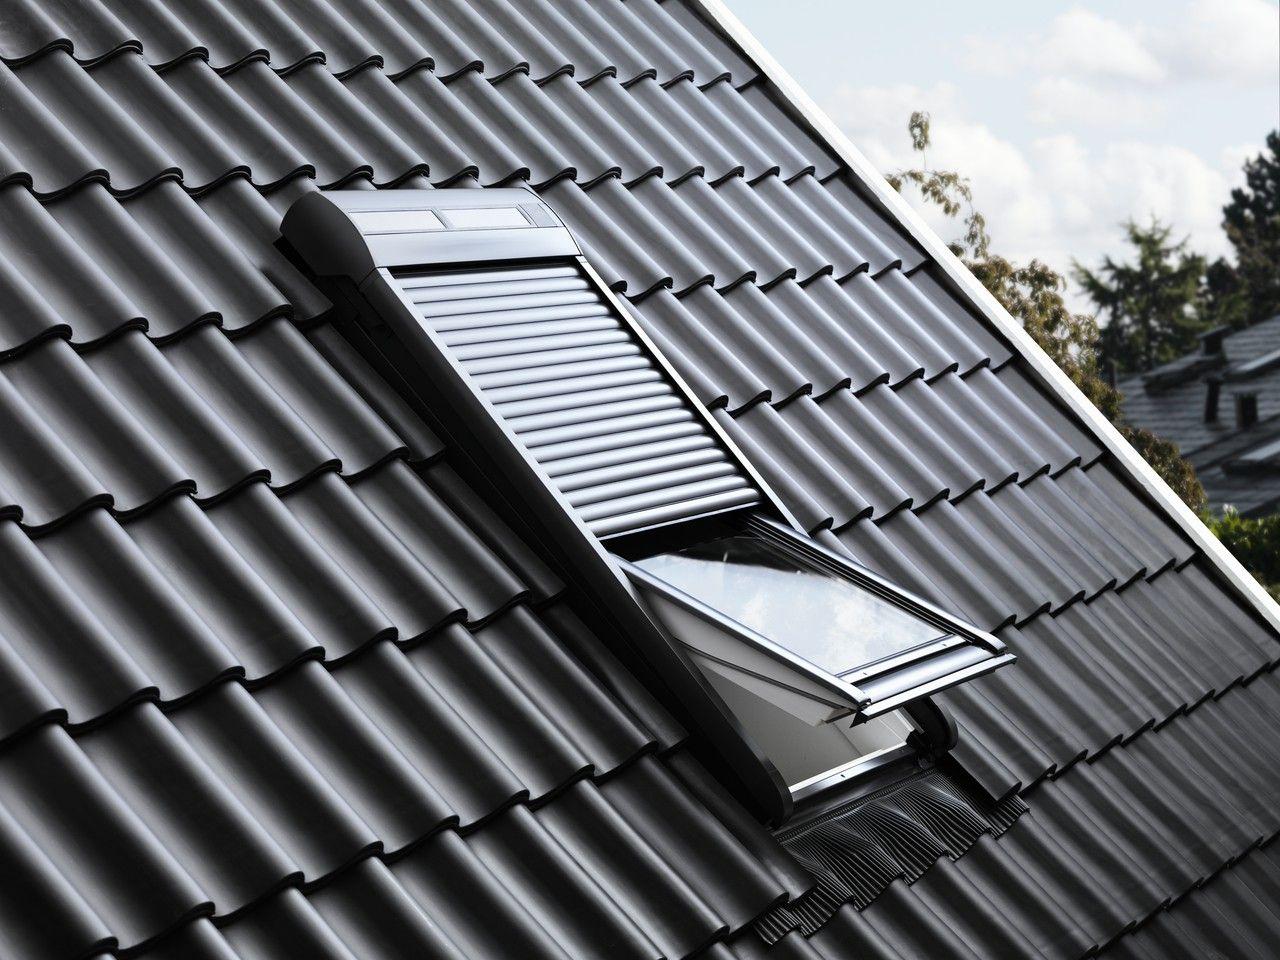 Velux Roller Shutter Roller Shutters Shutters House Design